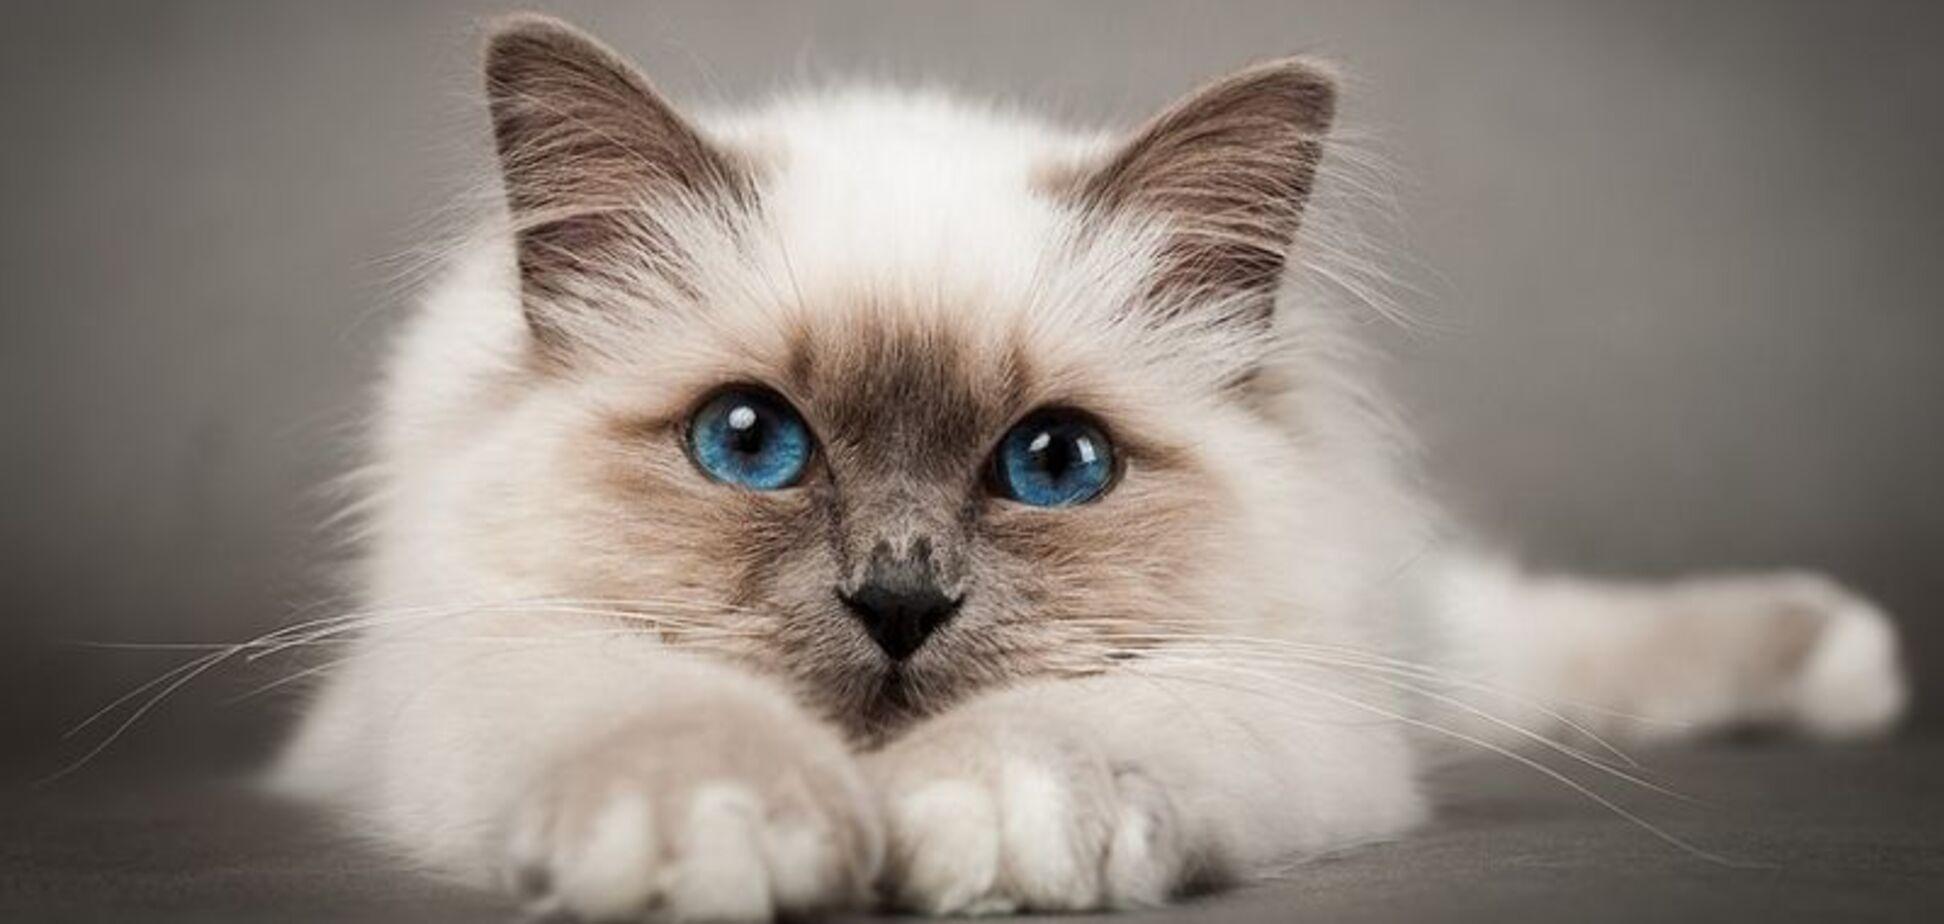 День котів 2018: привітання і картинки